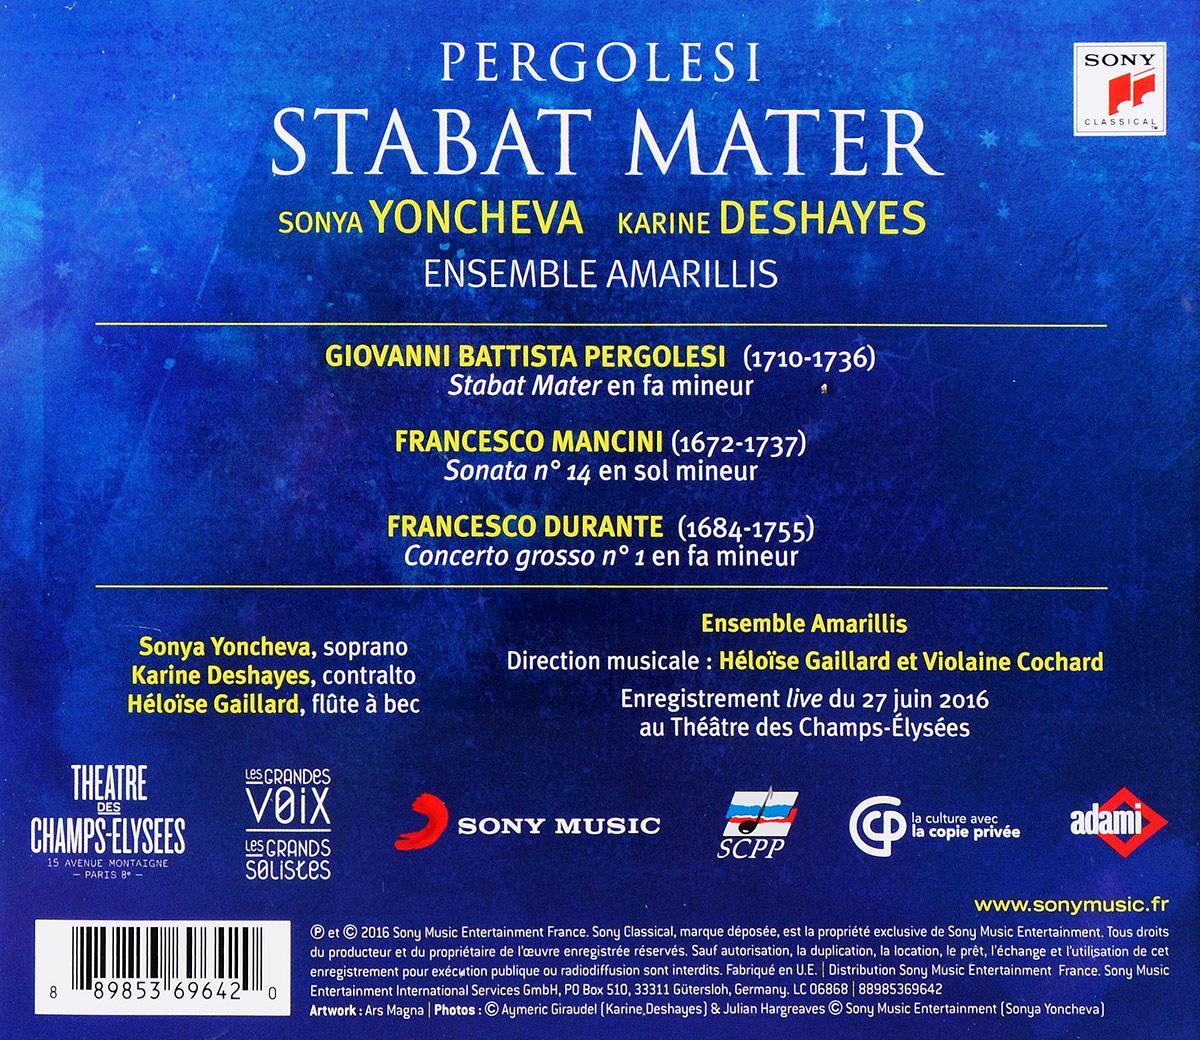 Sonya Yoncheva / Karine Deshayes.  Pergolesi Stabat Mater